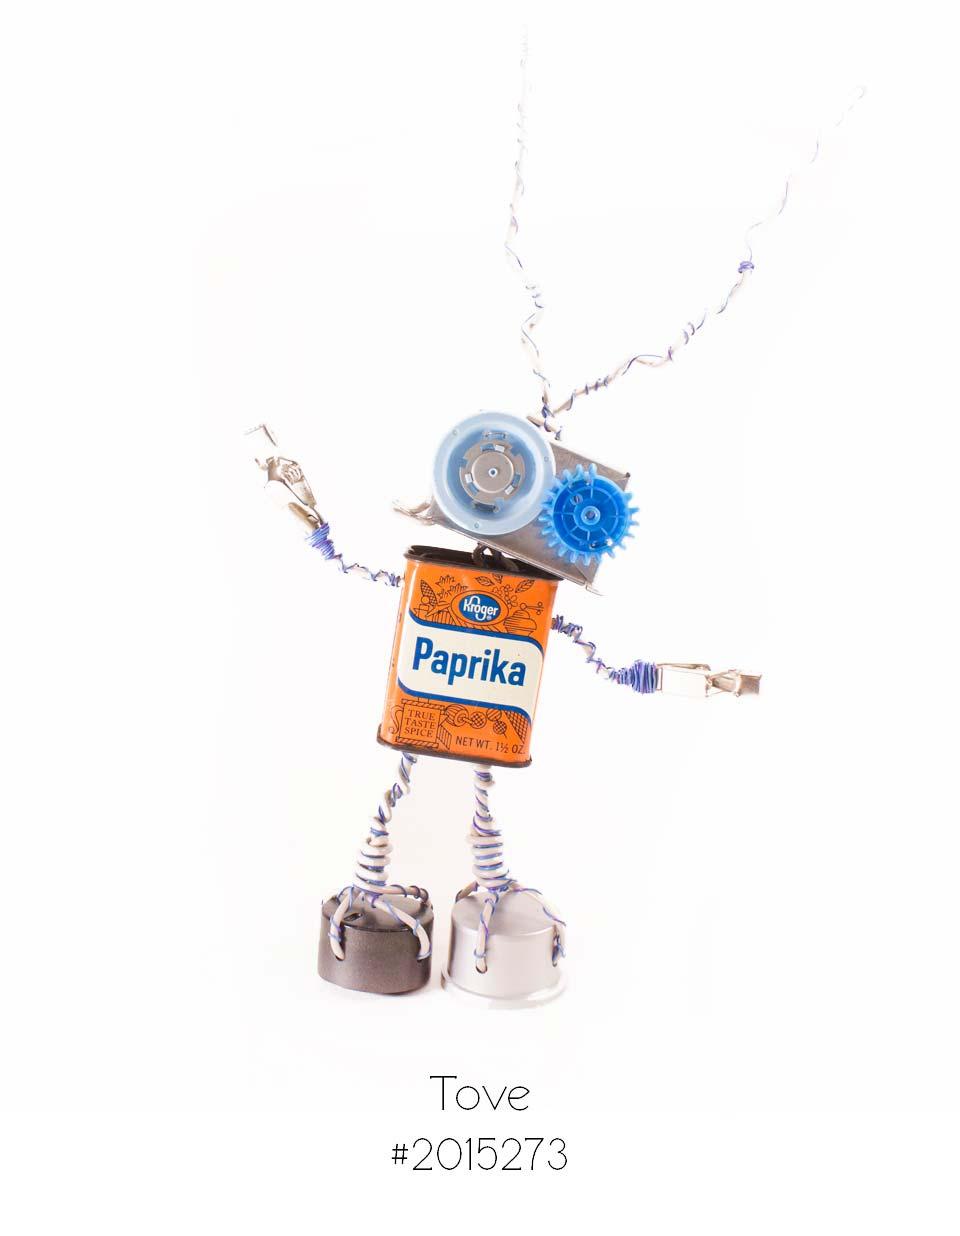 tove-1